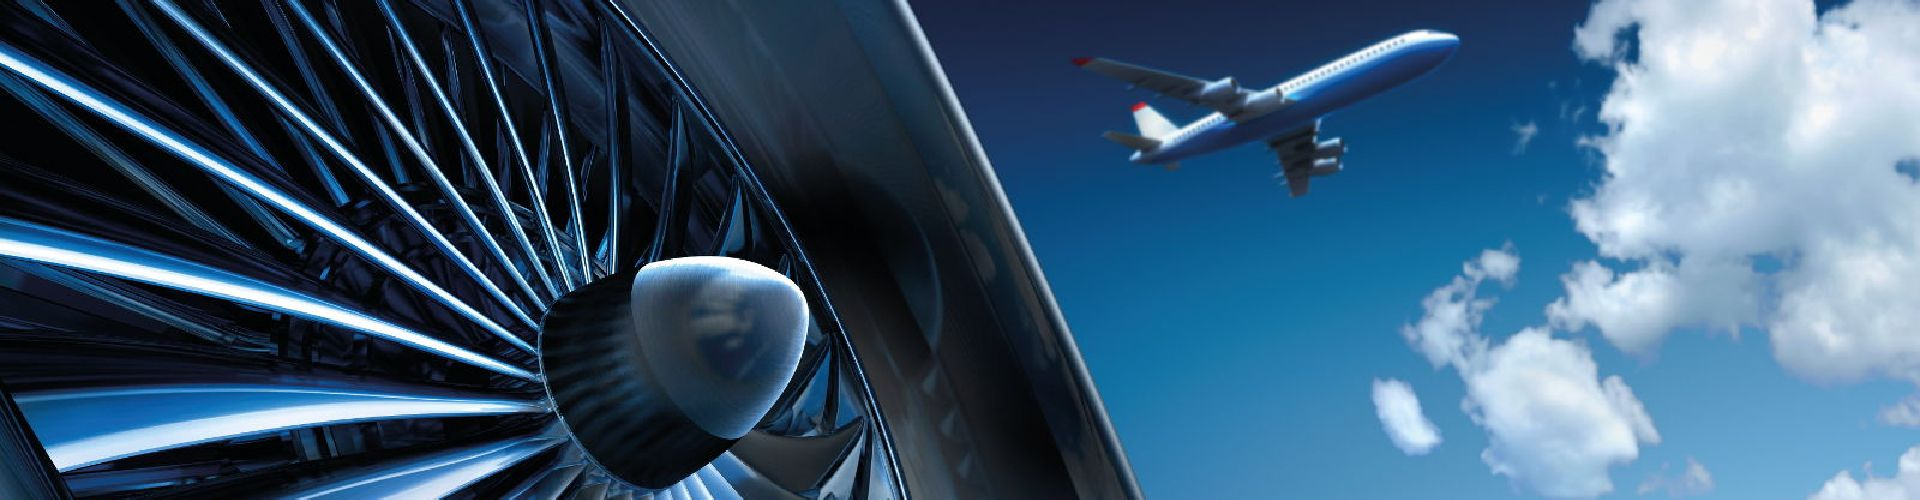 Авиационные технологии